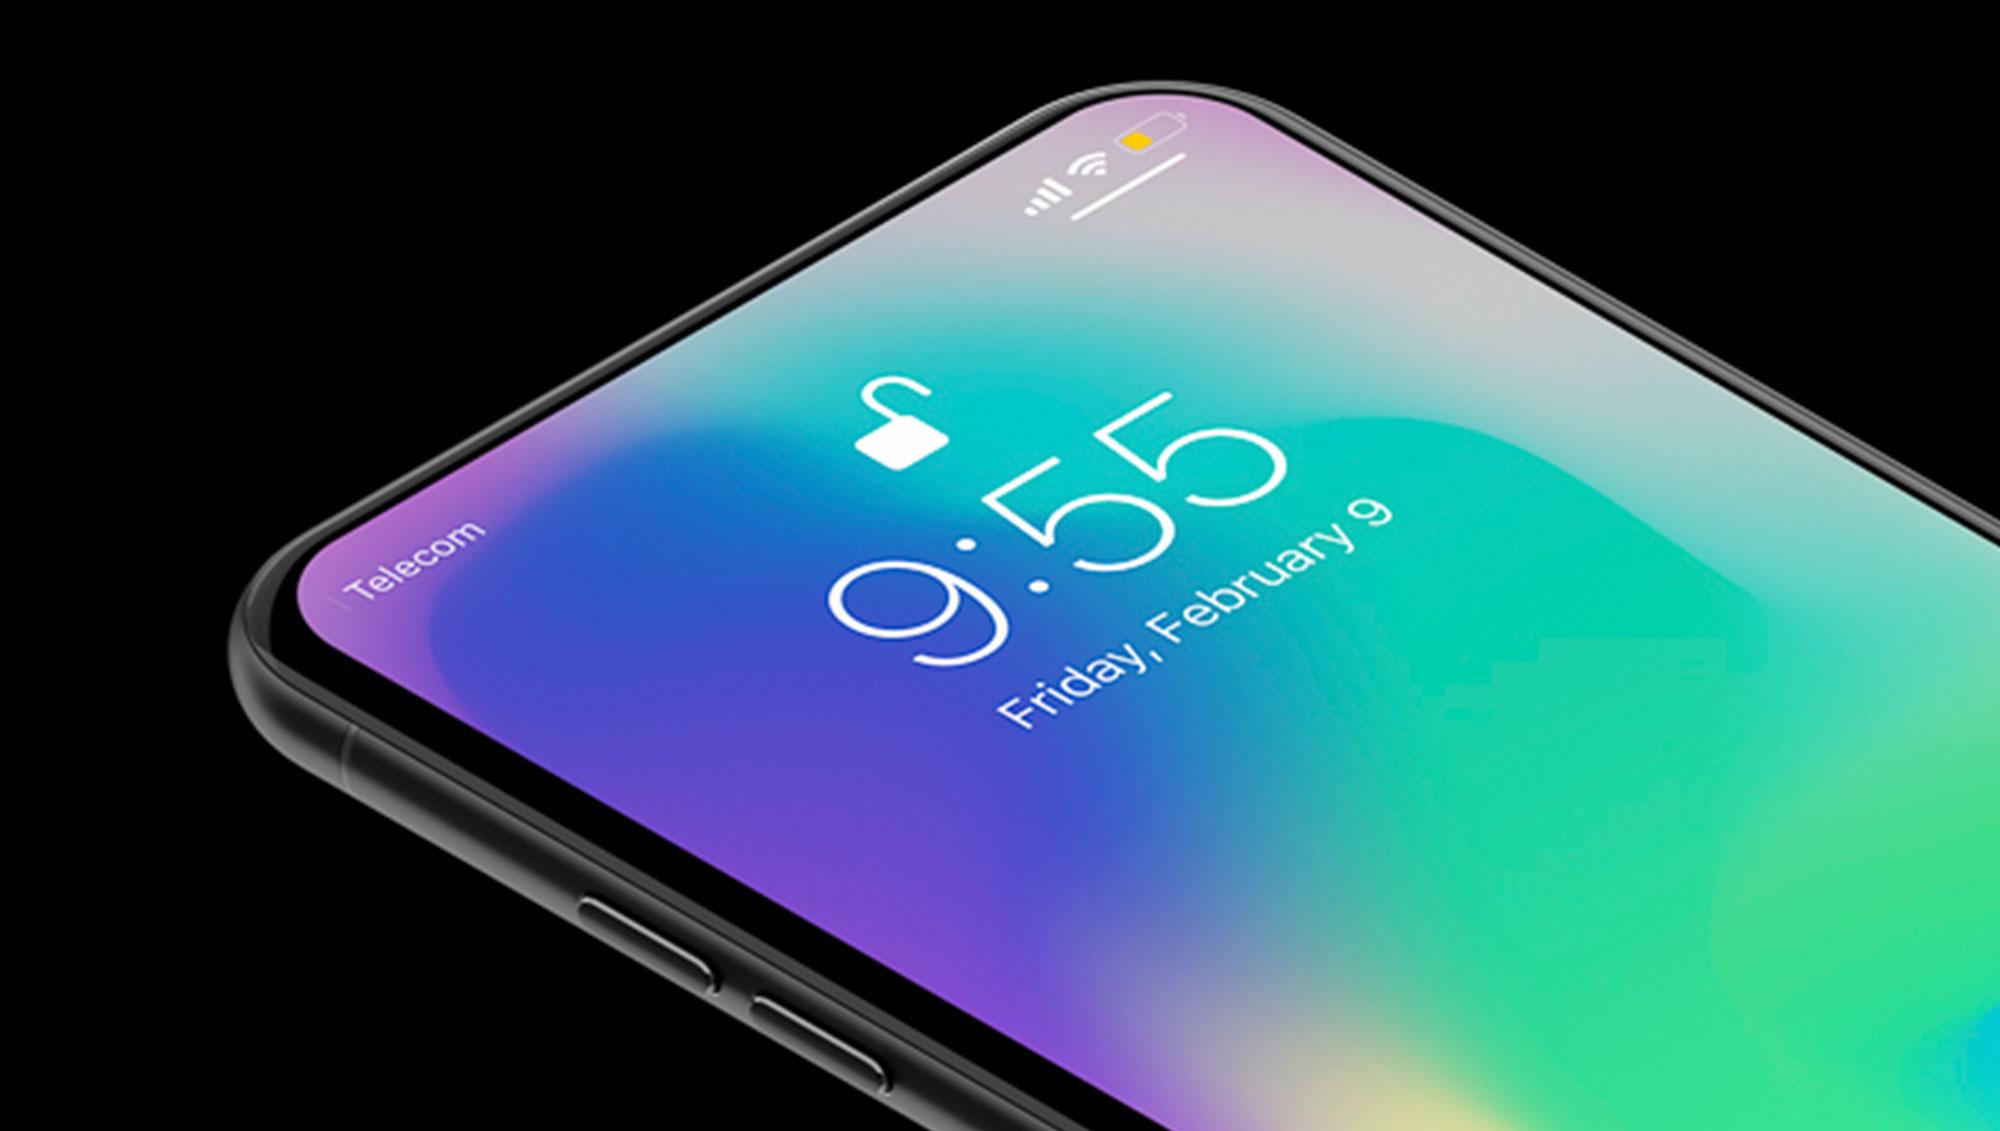 分析师预测 2020 款 iPhone 大改版:5G 网络支持、全屏触控 ID